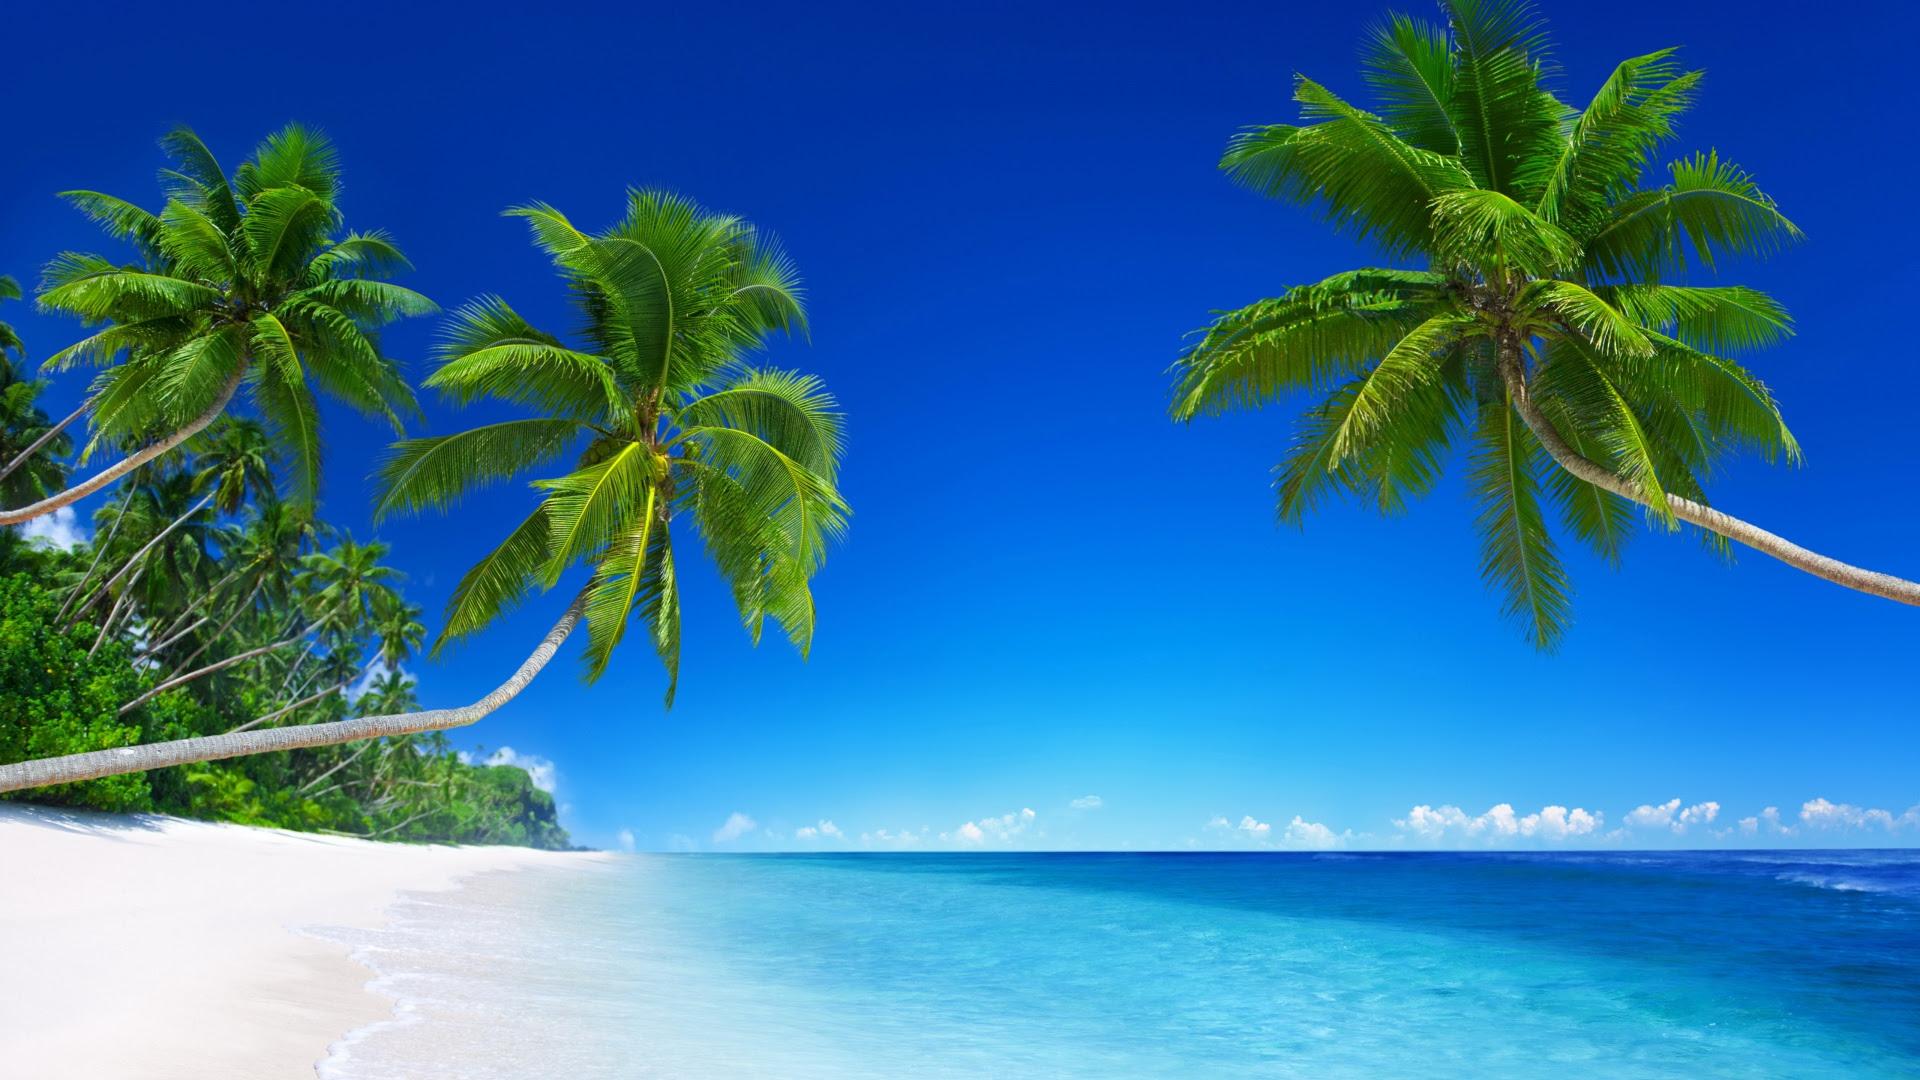 Tropical Beach Paradise [1920x1080]